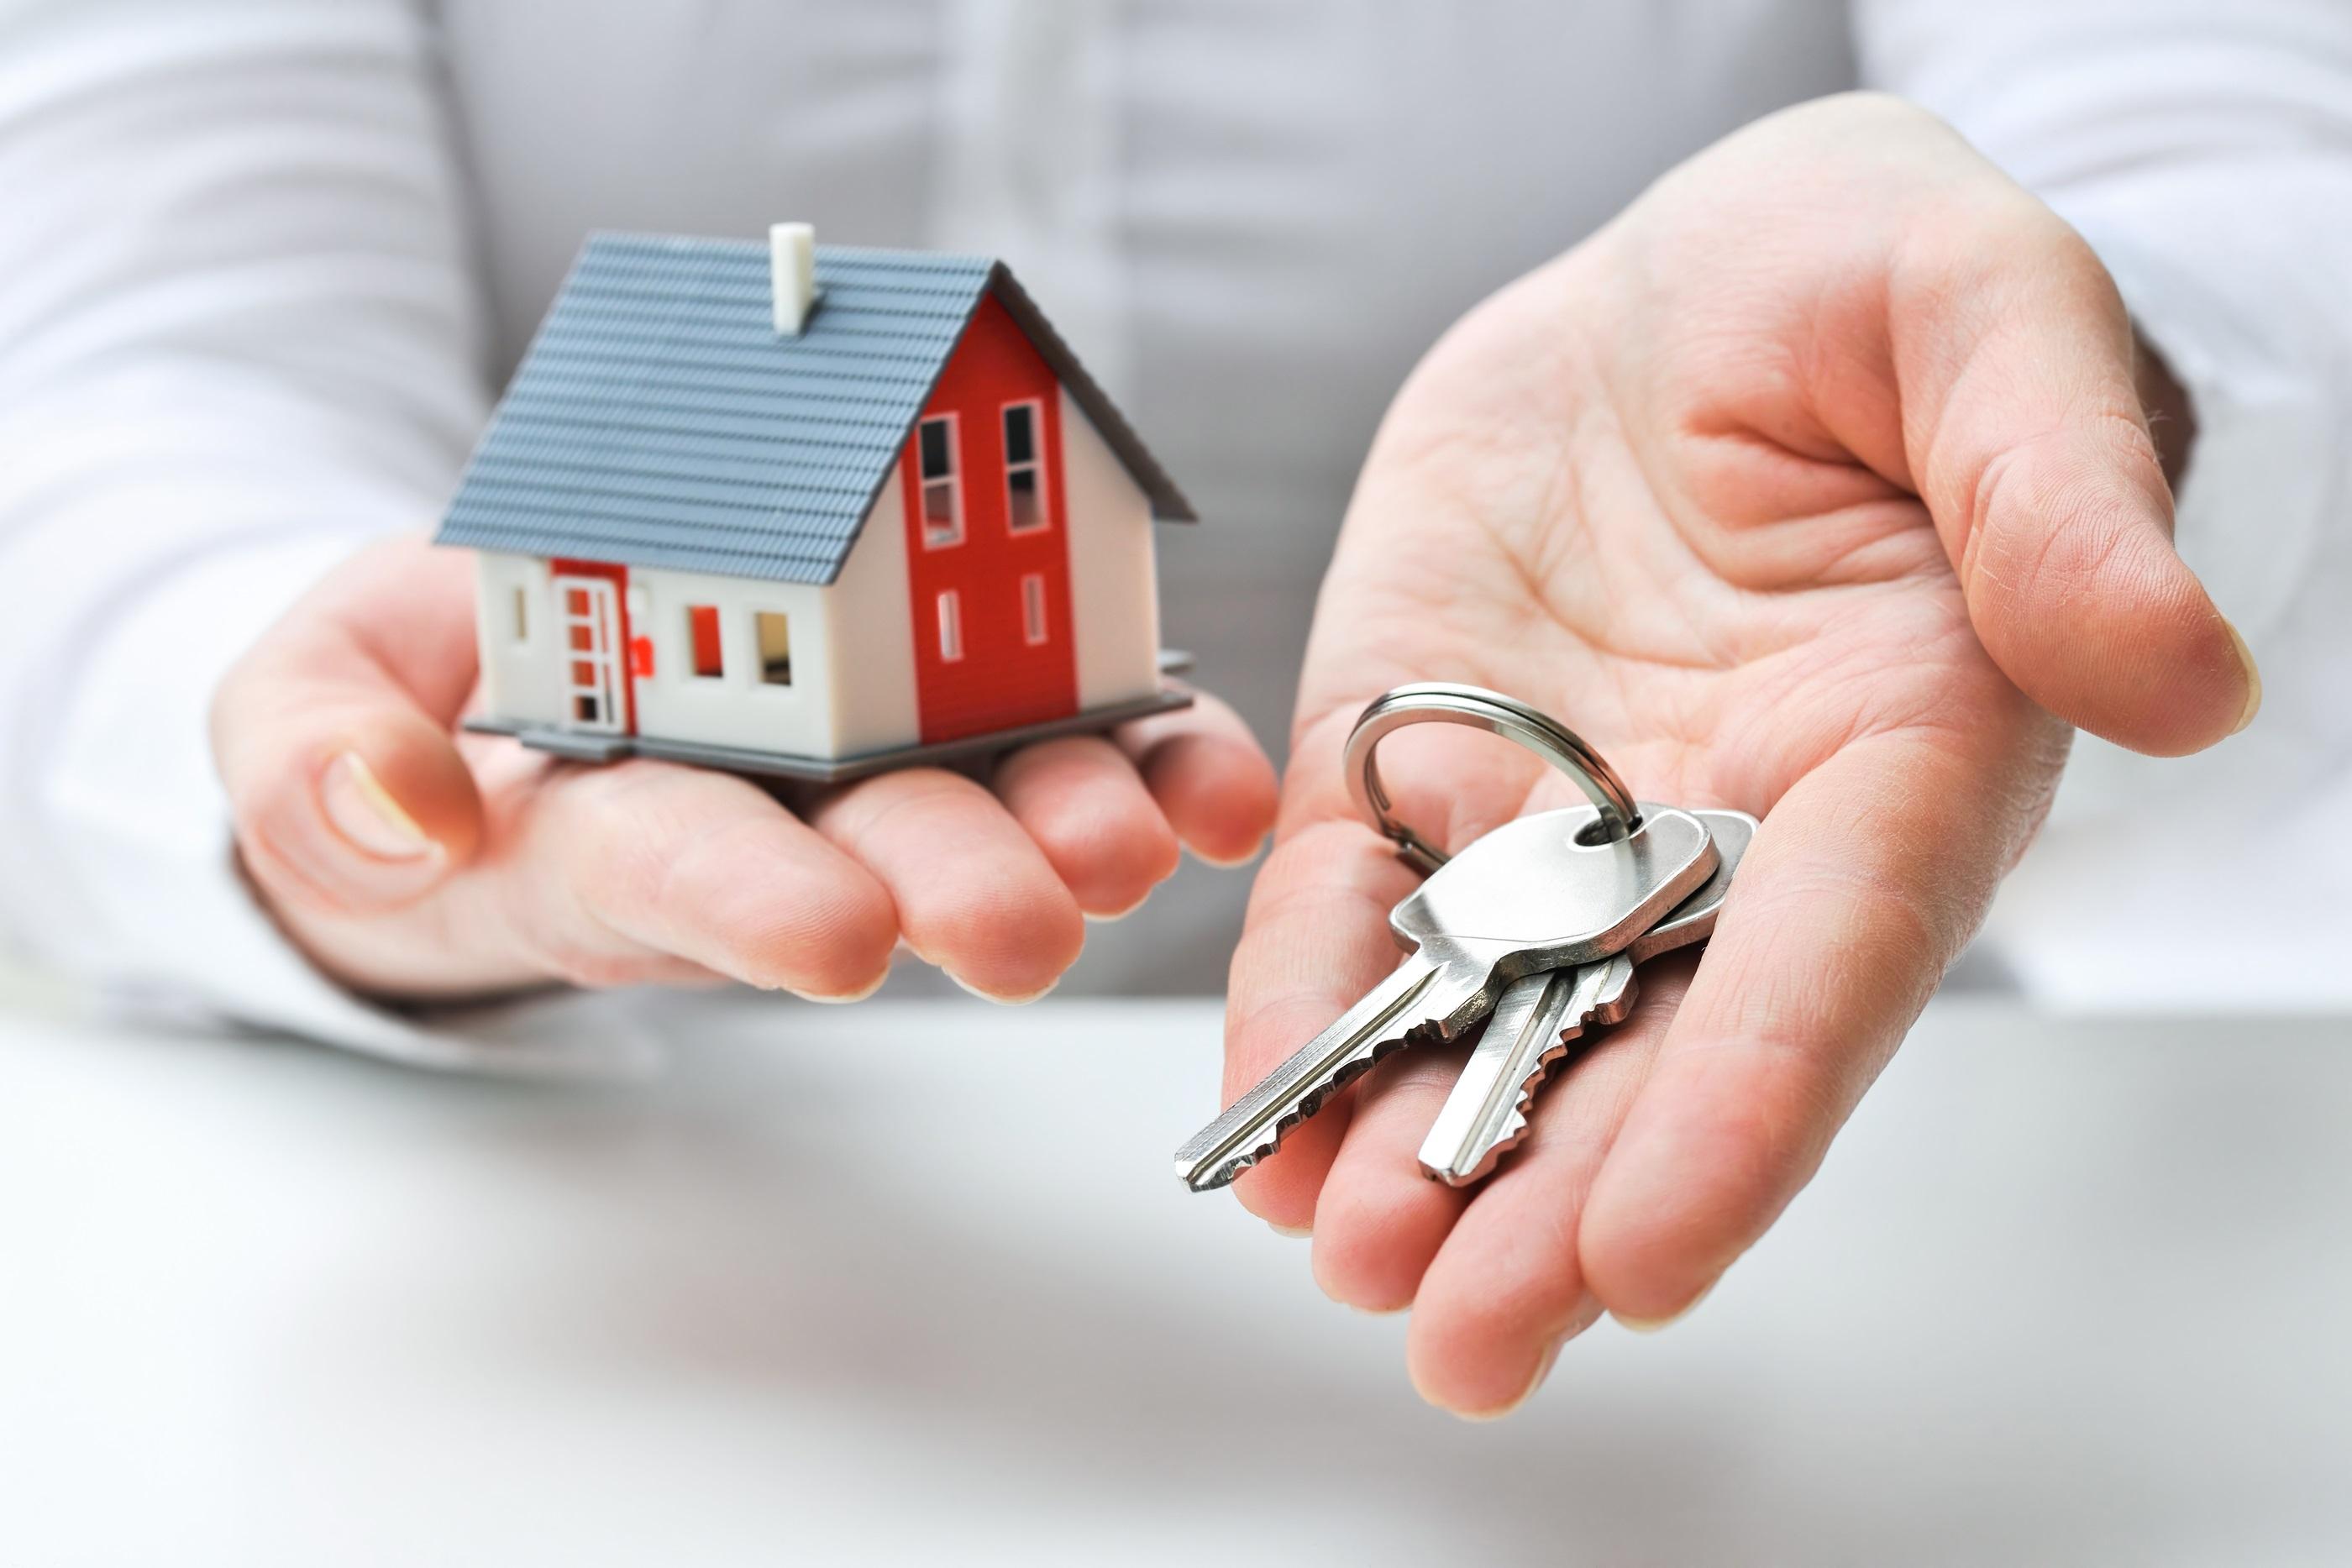 Как происходит купля продажи и квартиры в украине 2016